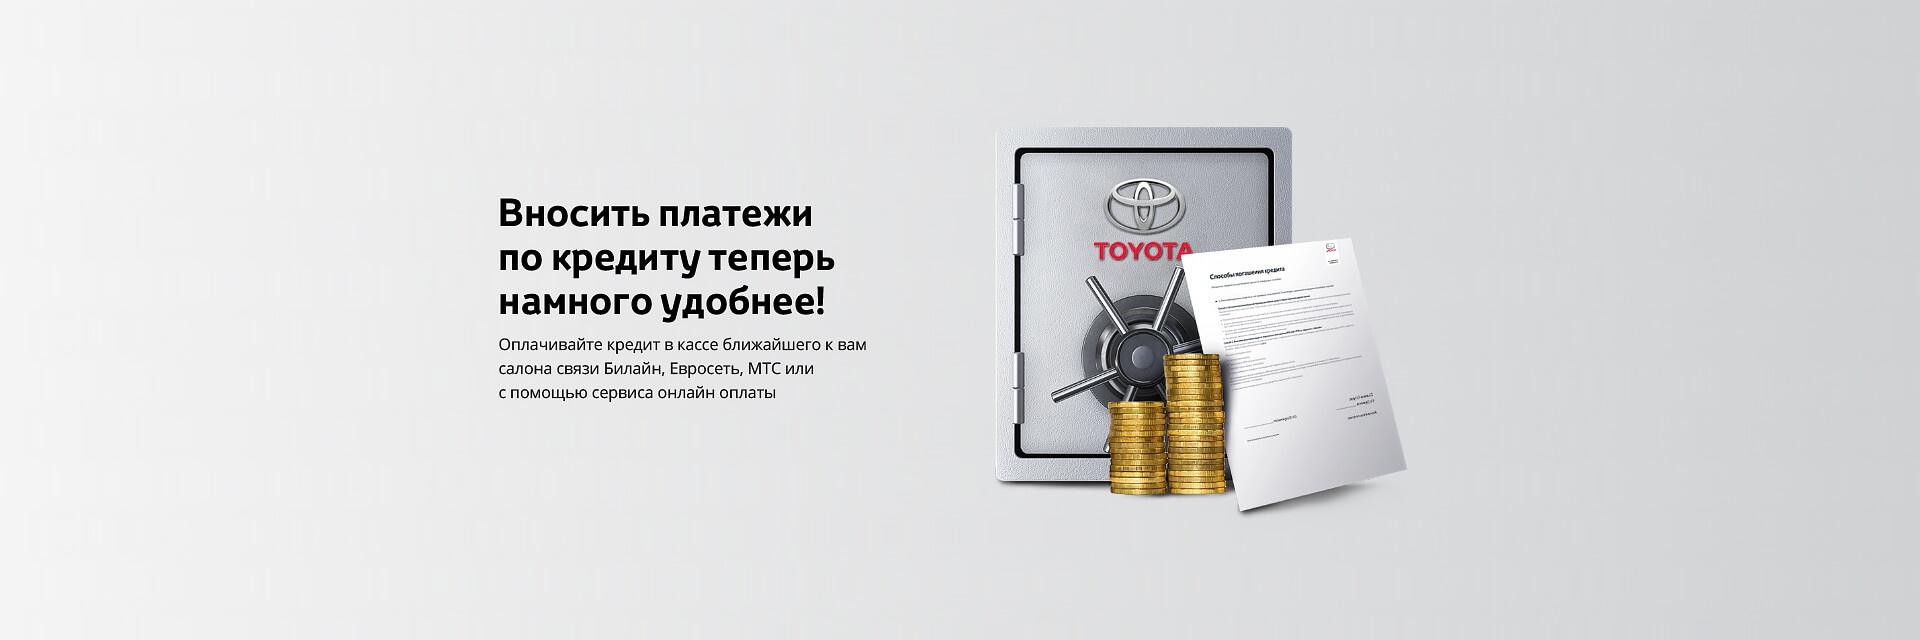 телефон тойота банк кредитный отдел